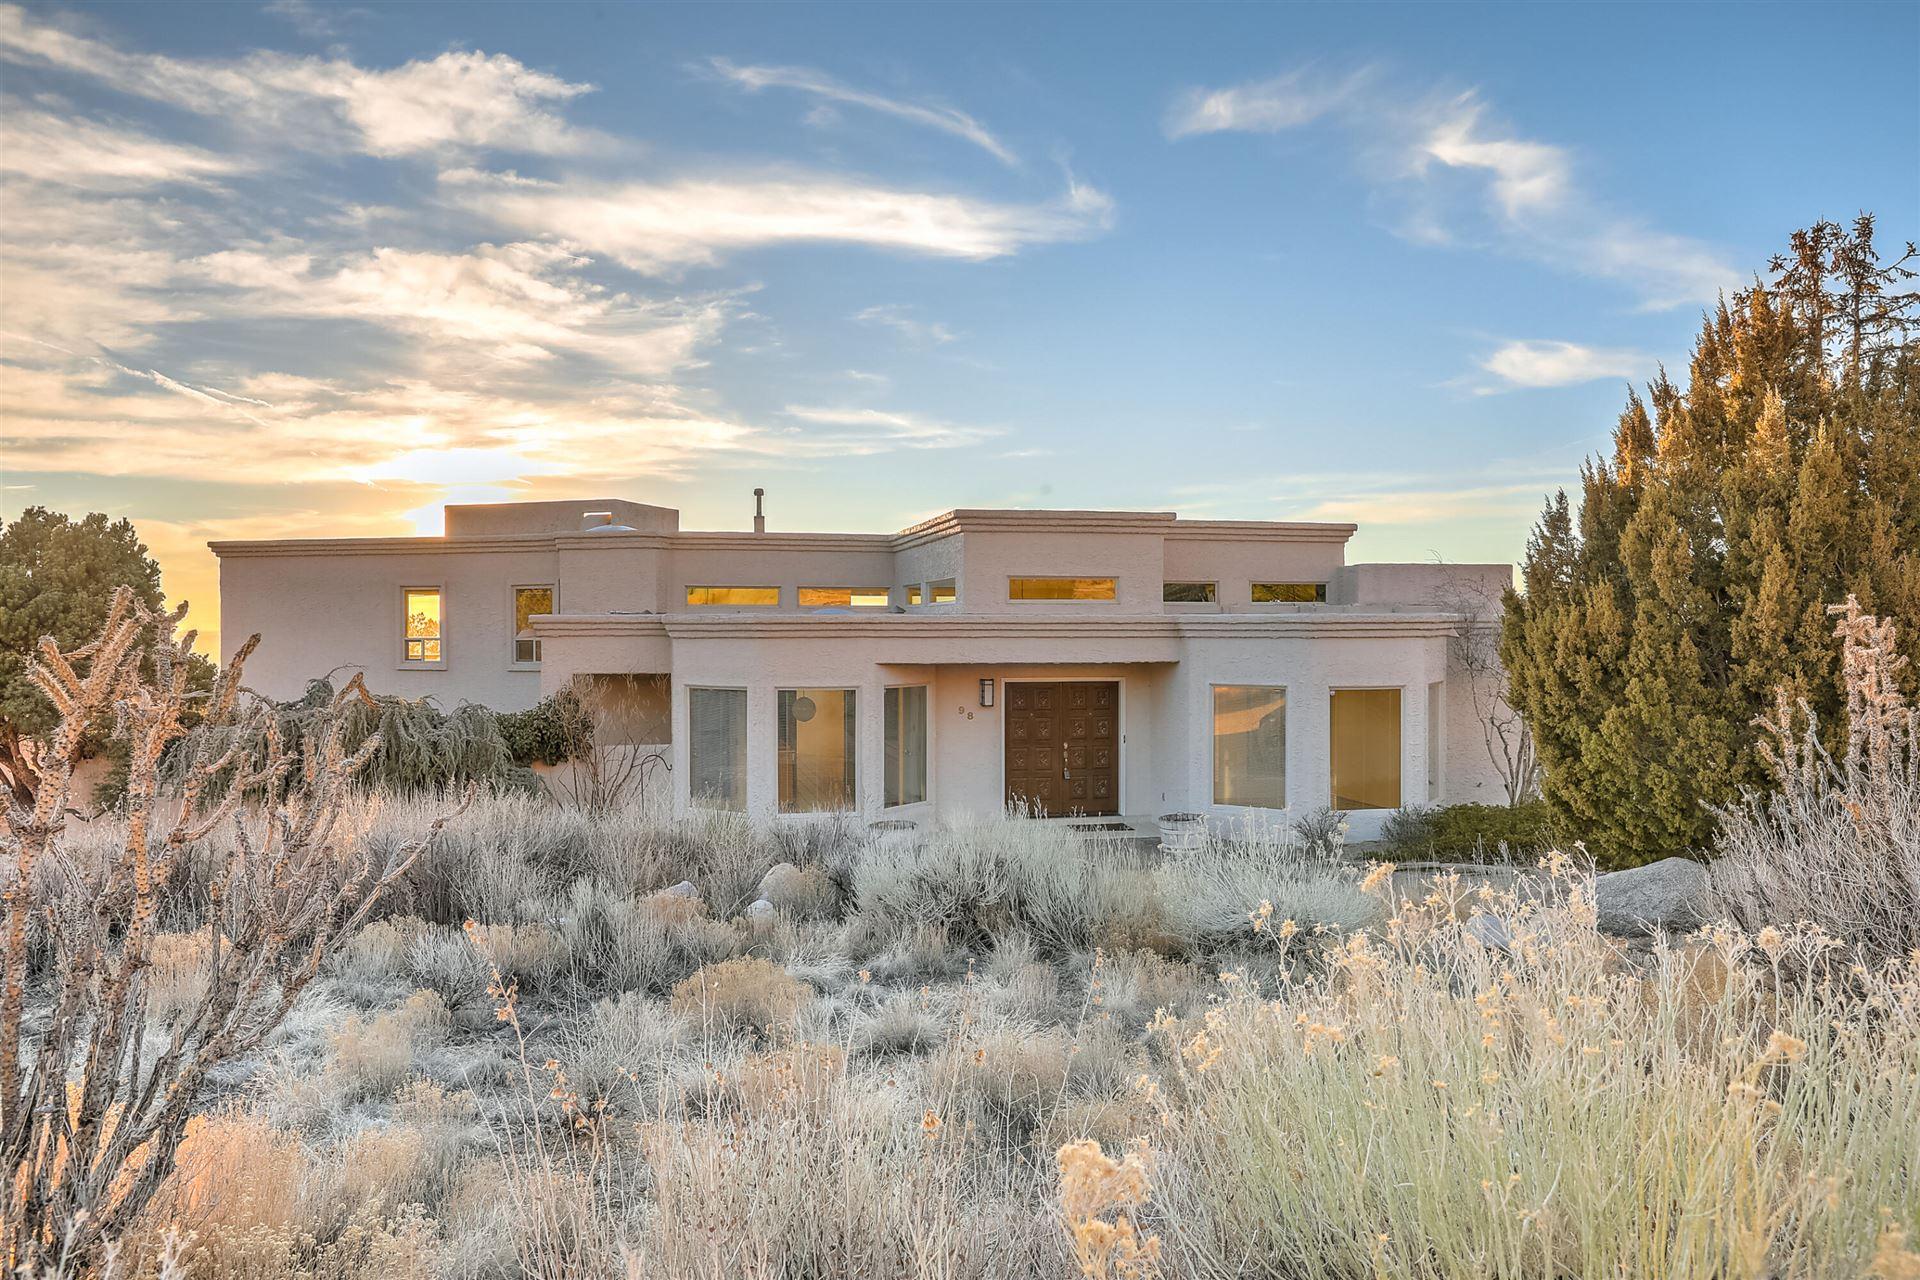 98 JUNIPER HILL Road NE, Albuquerque, NM 87122 - MLS#: 986617